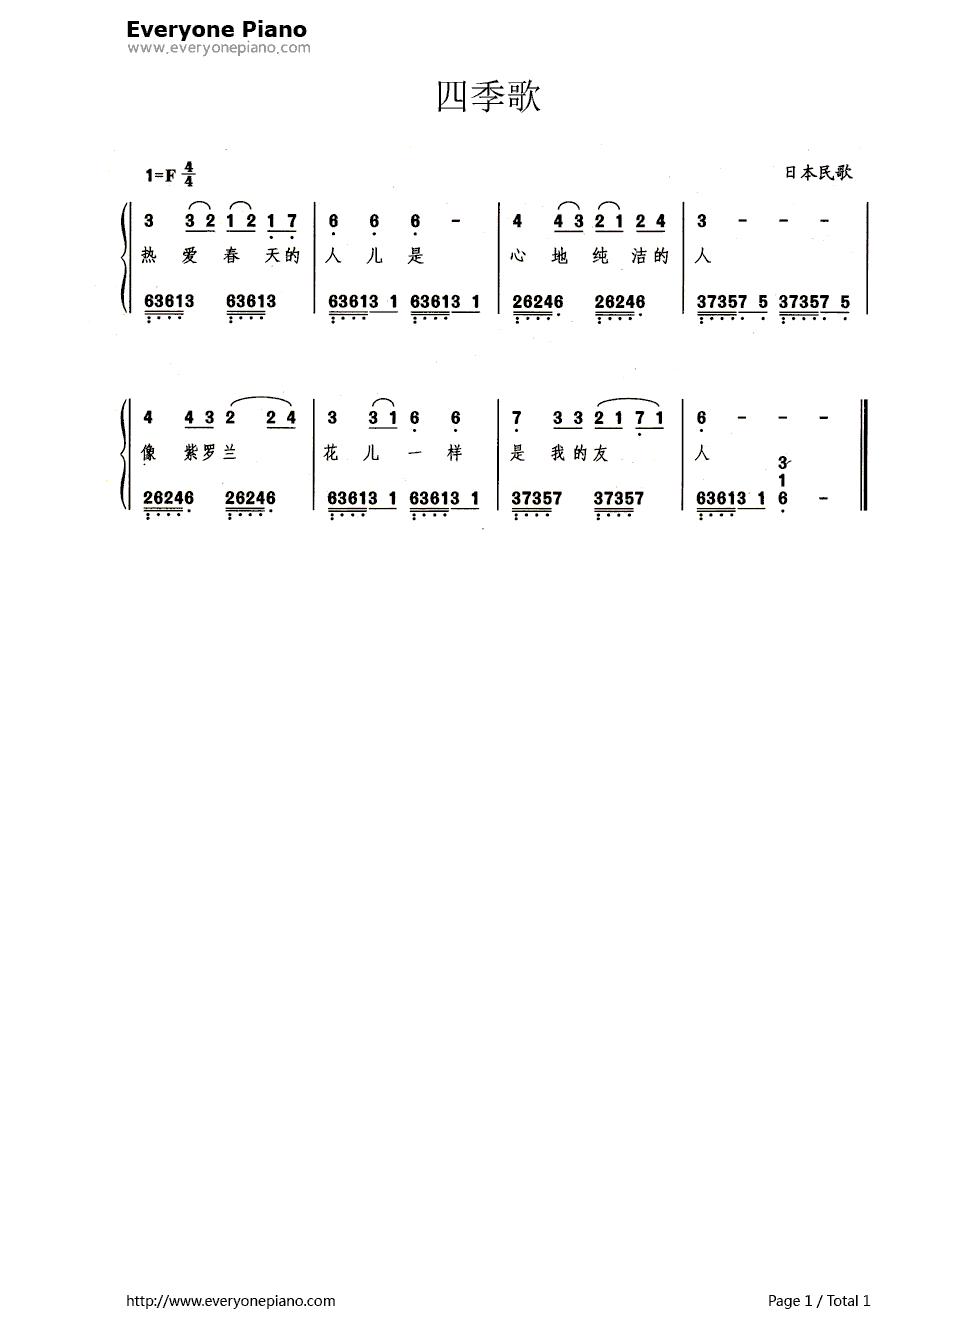 四季歌吉他六线谱; 四季歌(带歌词版)双手简谱预览1; 儿歌四季歌简谱